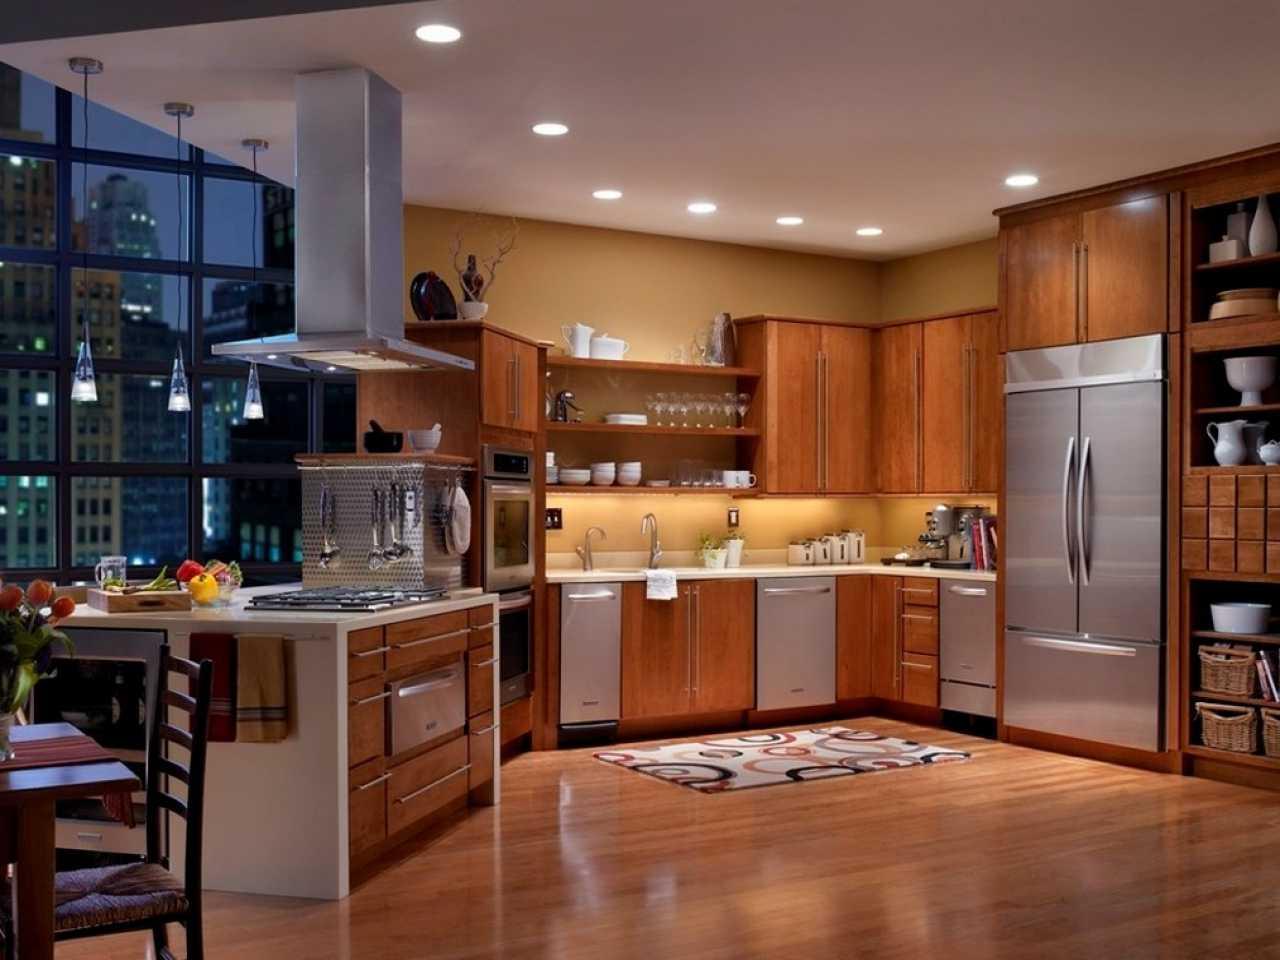 Оцените в статье информацию на счет нюансов покупки кухни Вы узнаете советы от специалистов которые имеют большой опыт в данной сфере